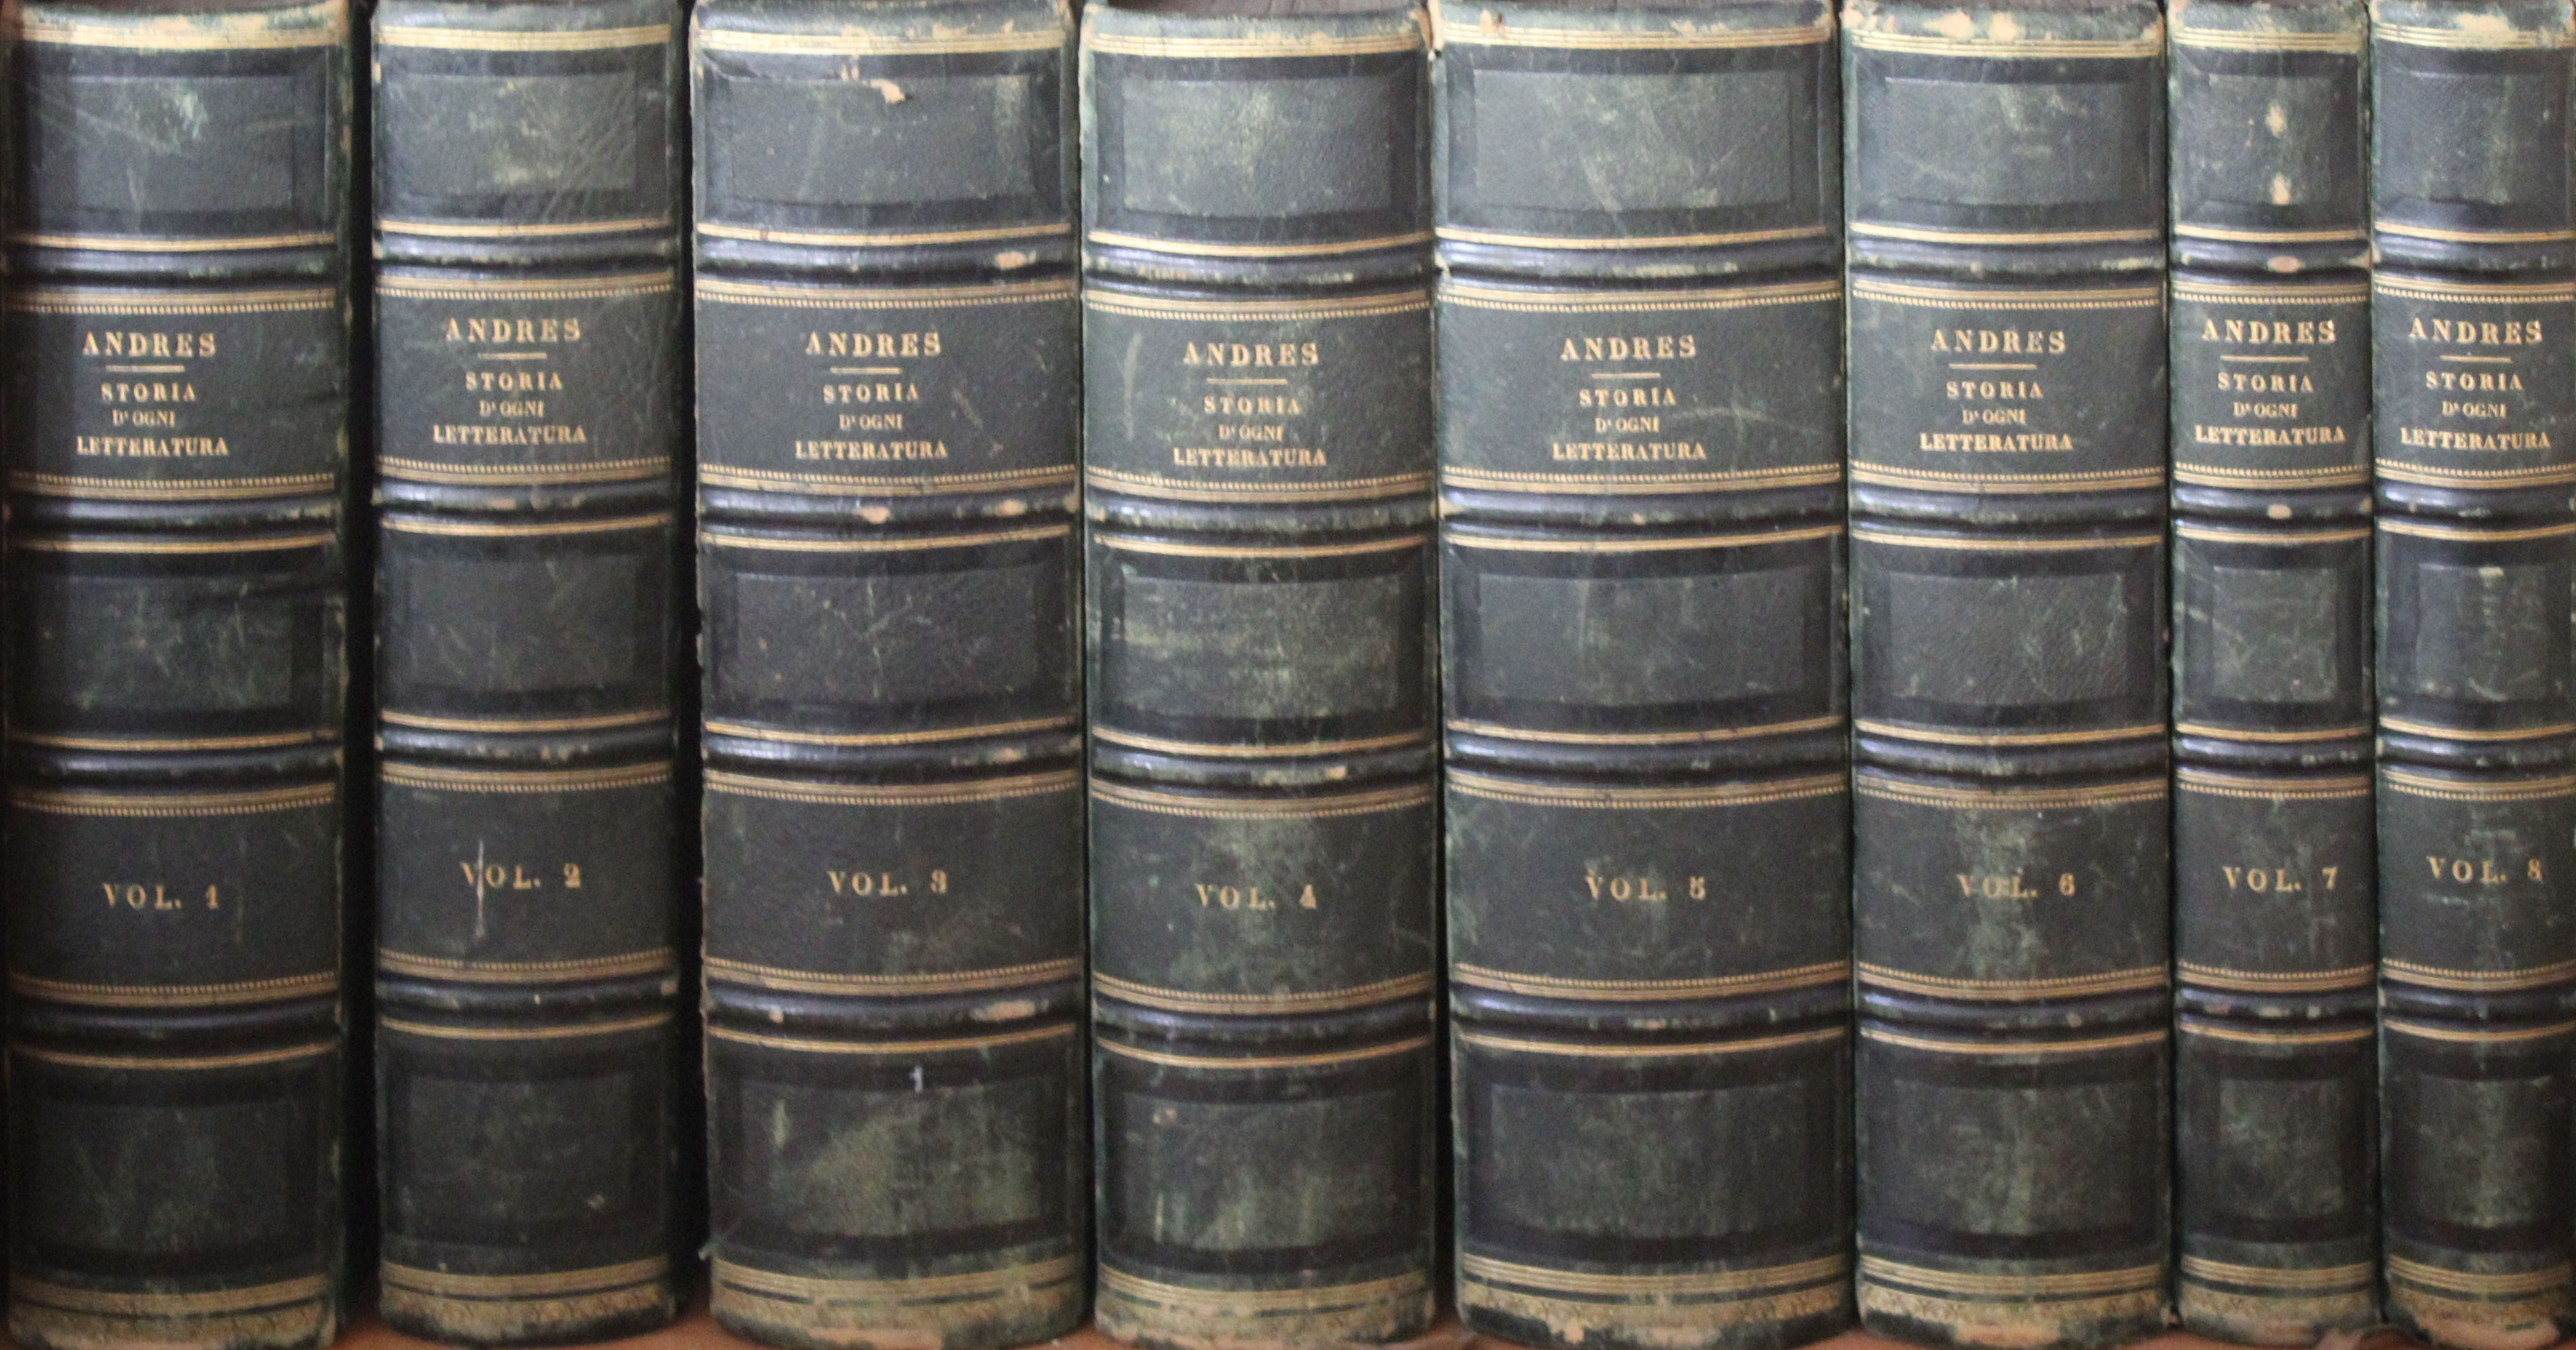 Storia d'ogni letteratura – Andres edizione bodoniana